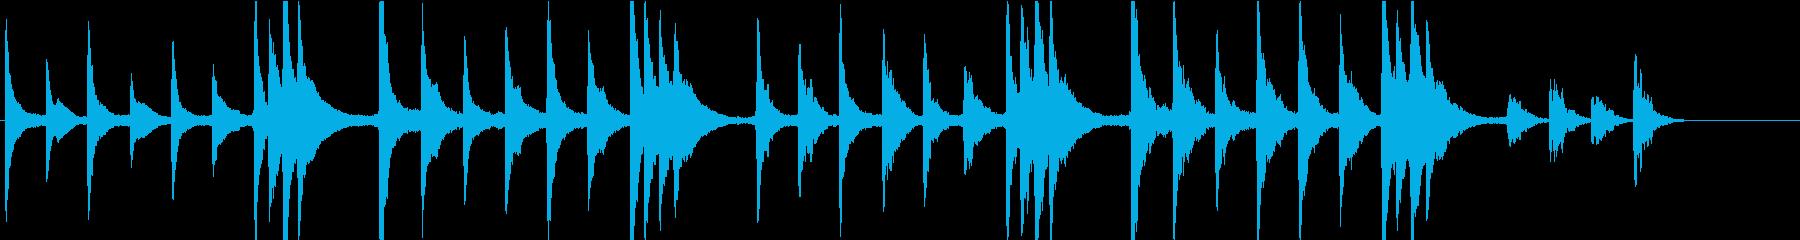 静寂なイメージピアノ曲(WAV版)の再生済みの波形